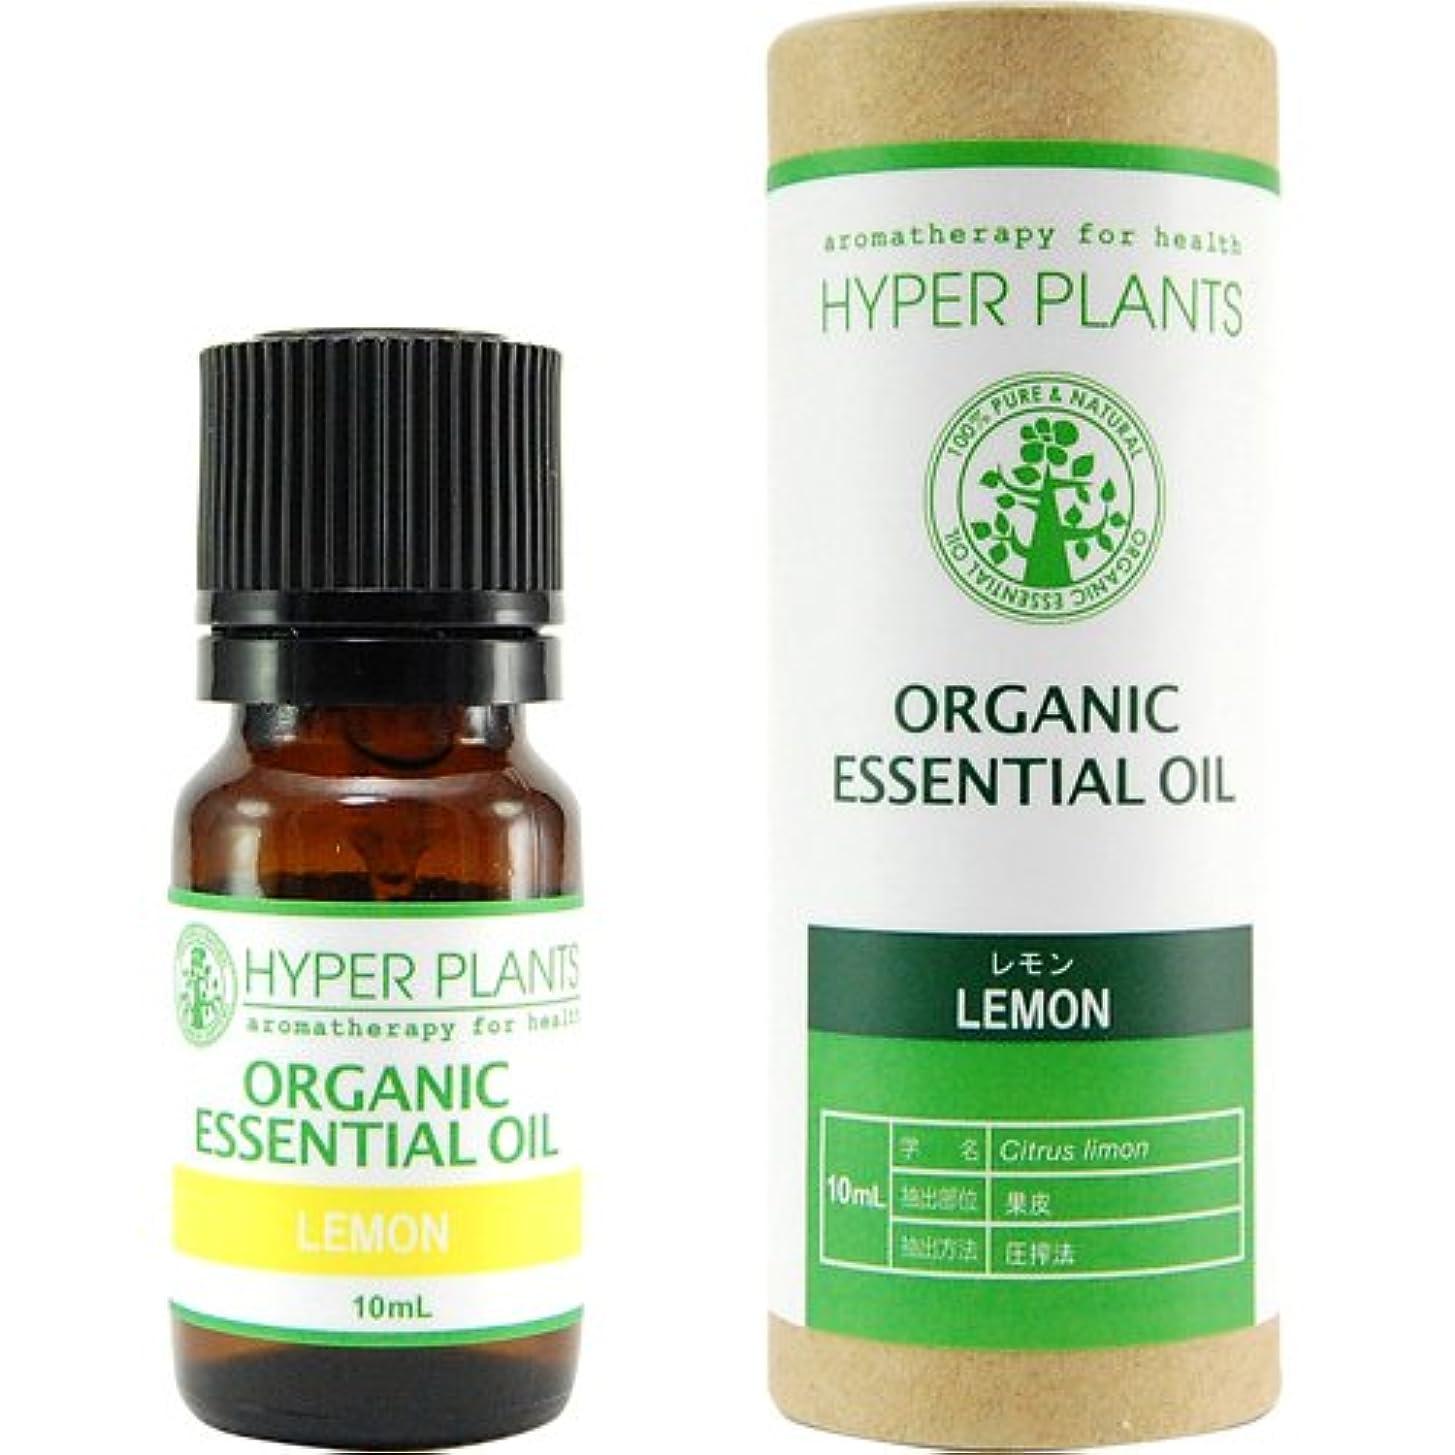 患者キリスト教生物学HYPER PLANTS ハイパープランツ オーガニックエッセンシャルオイル レモン 10ml HE0218